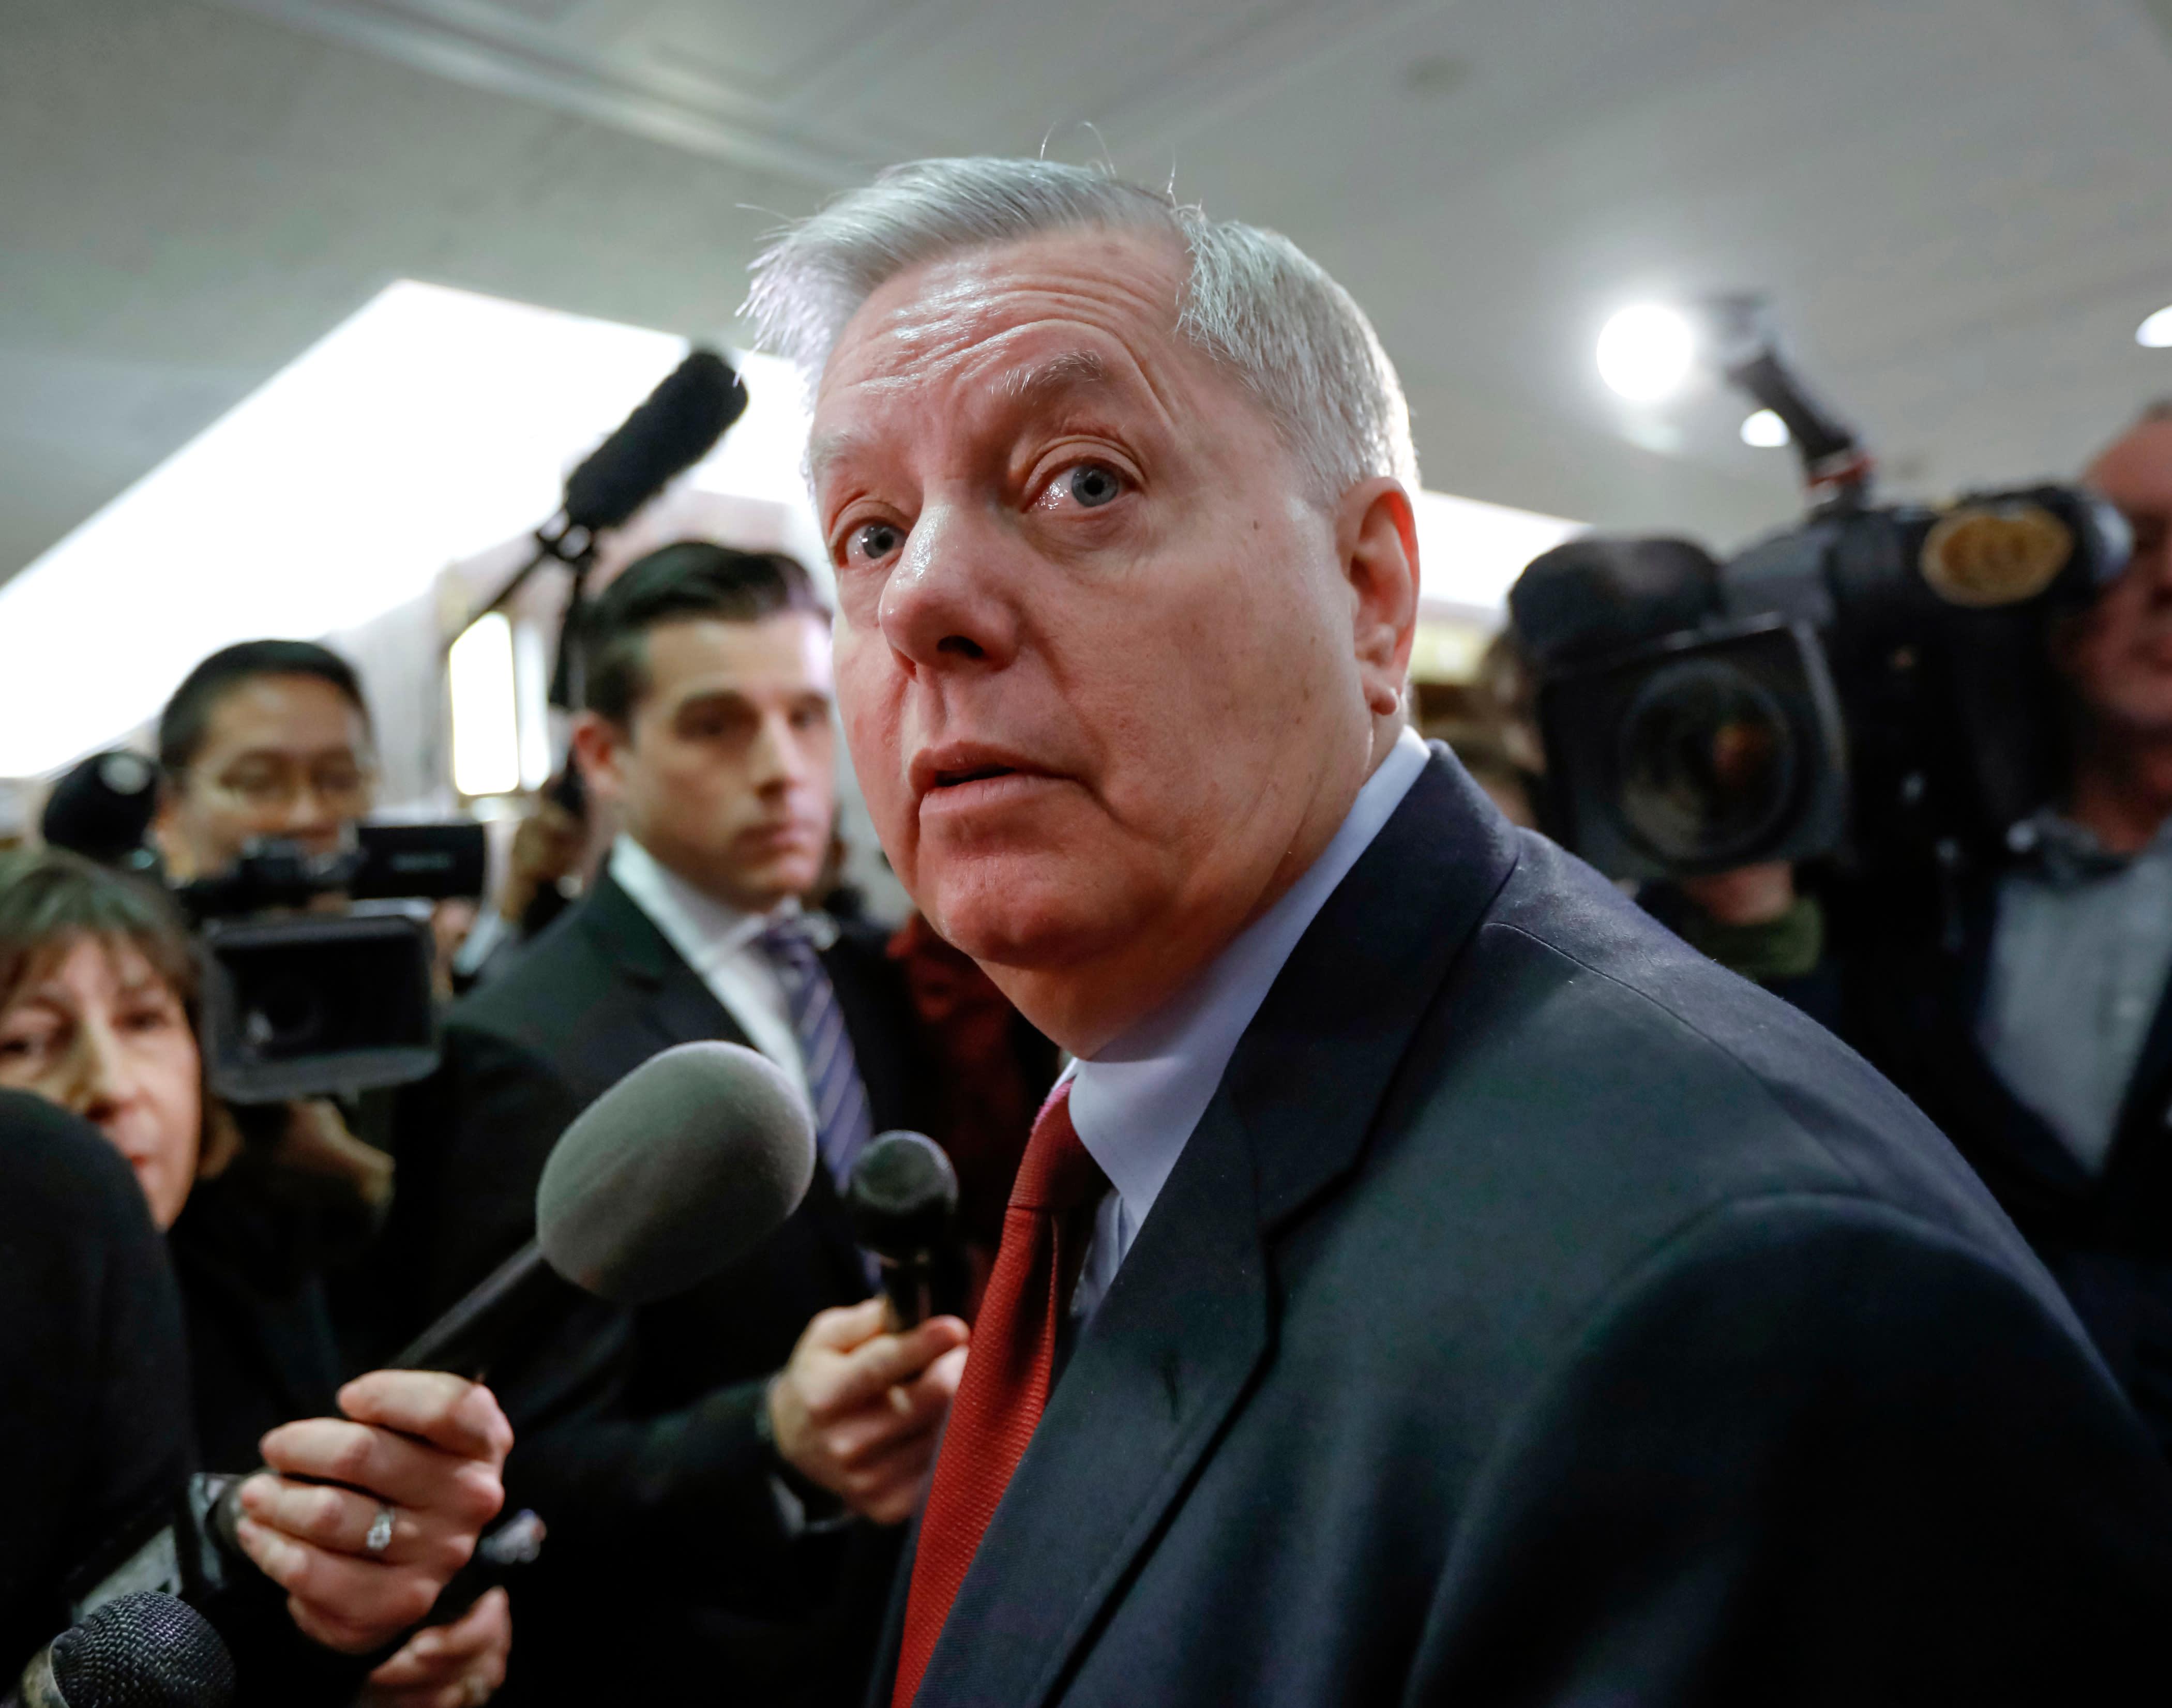 Senators move to protect Mueller as Trump criticizes probe